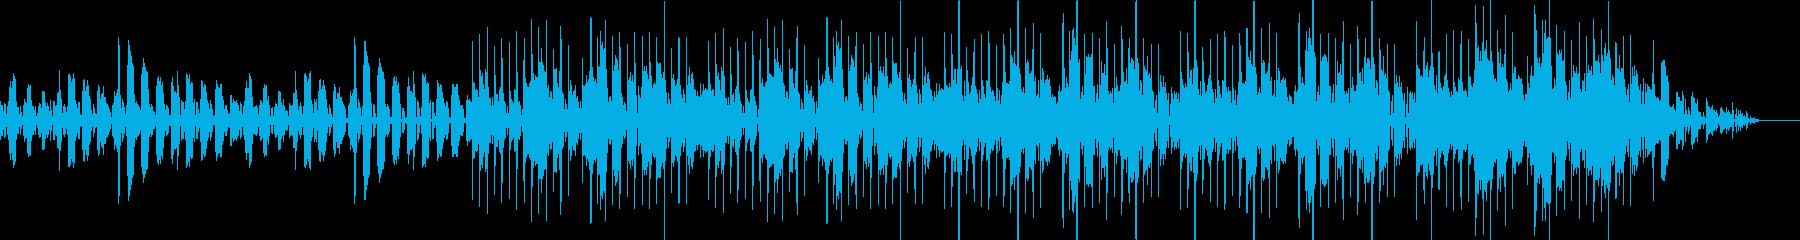 キック(バスドラム)抜きの再生済みの波形